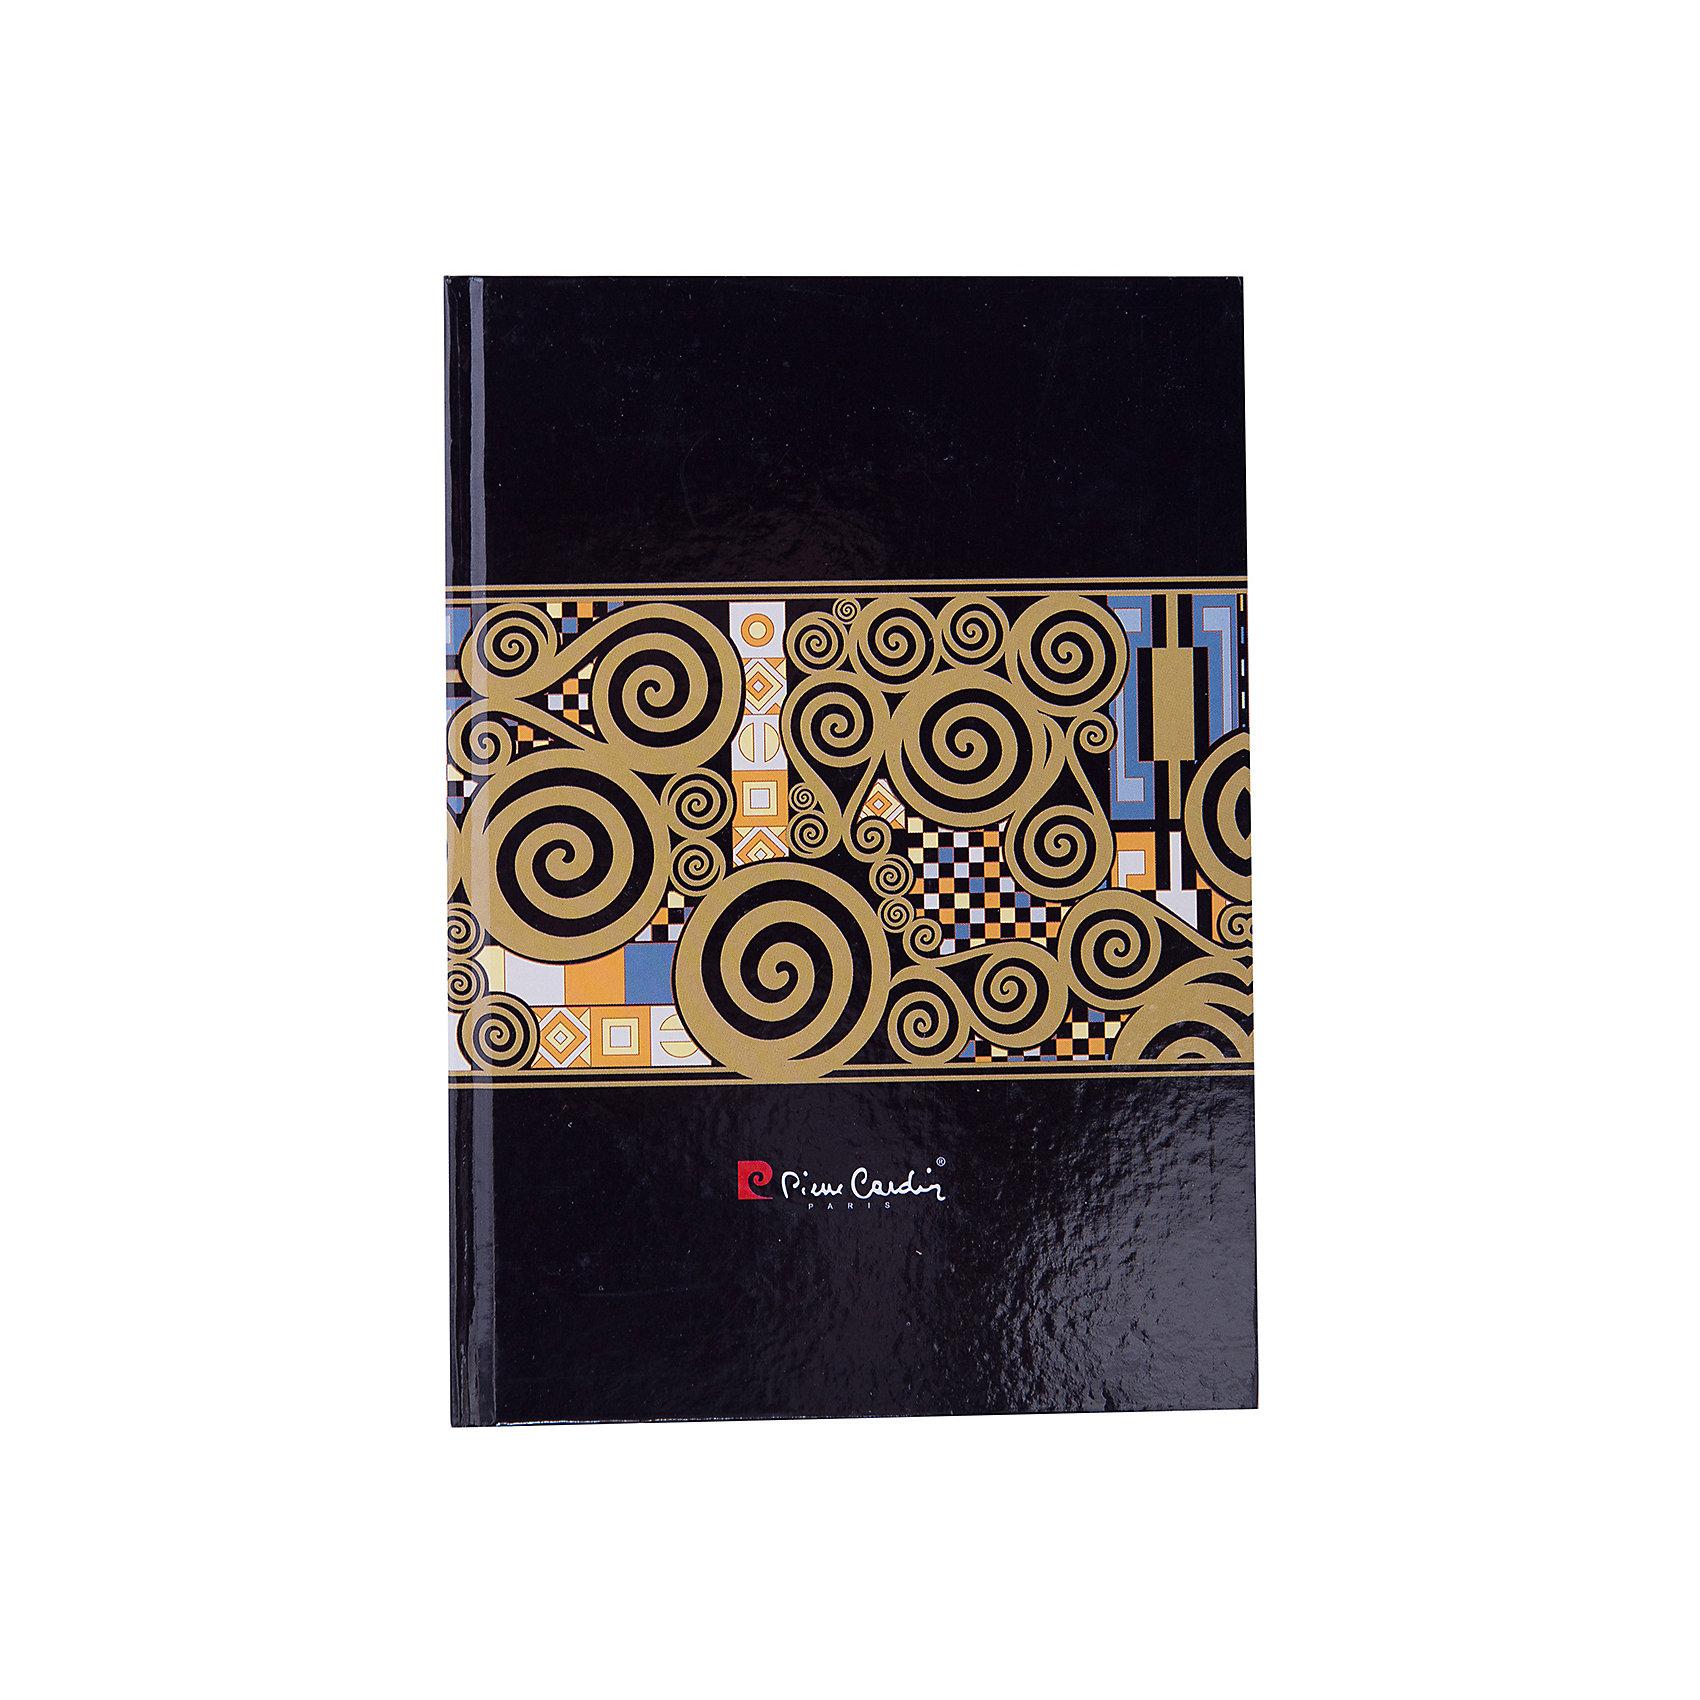 Престиж-Блокнот А5 80л Pierre Cardin LoisBlanсБумажная продукция<br>Представляем блокнот, который подчеркнёт ваш статус и стиль. Престиж-блокнот под брендом известного во всем мире дизайнера Pierre Cardin в твердом переплете удобен для заметок. Жесткая ламинированная обложка долго сохраняет привлекательный внешний вид и позволяет делать записи на весу. Блокнот прекрасно подойдёт для записи повседневных дел, важных событий и своих мыслей.<br><br>Ширина мм: 210<br>Глубина мм: 150<br>Высота мм: 10<br>Вес г: 220<br>Возраст от месяцев: 84<br>Возраст до месяцев: 2147483647<br>Пол: Унисекс<br>Возраст: Детский<br>SKU: 7029924